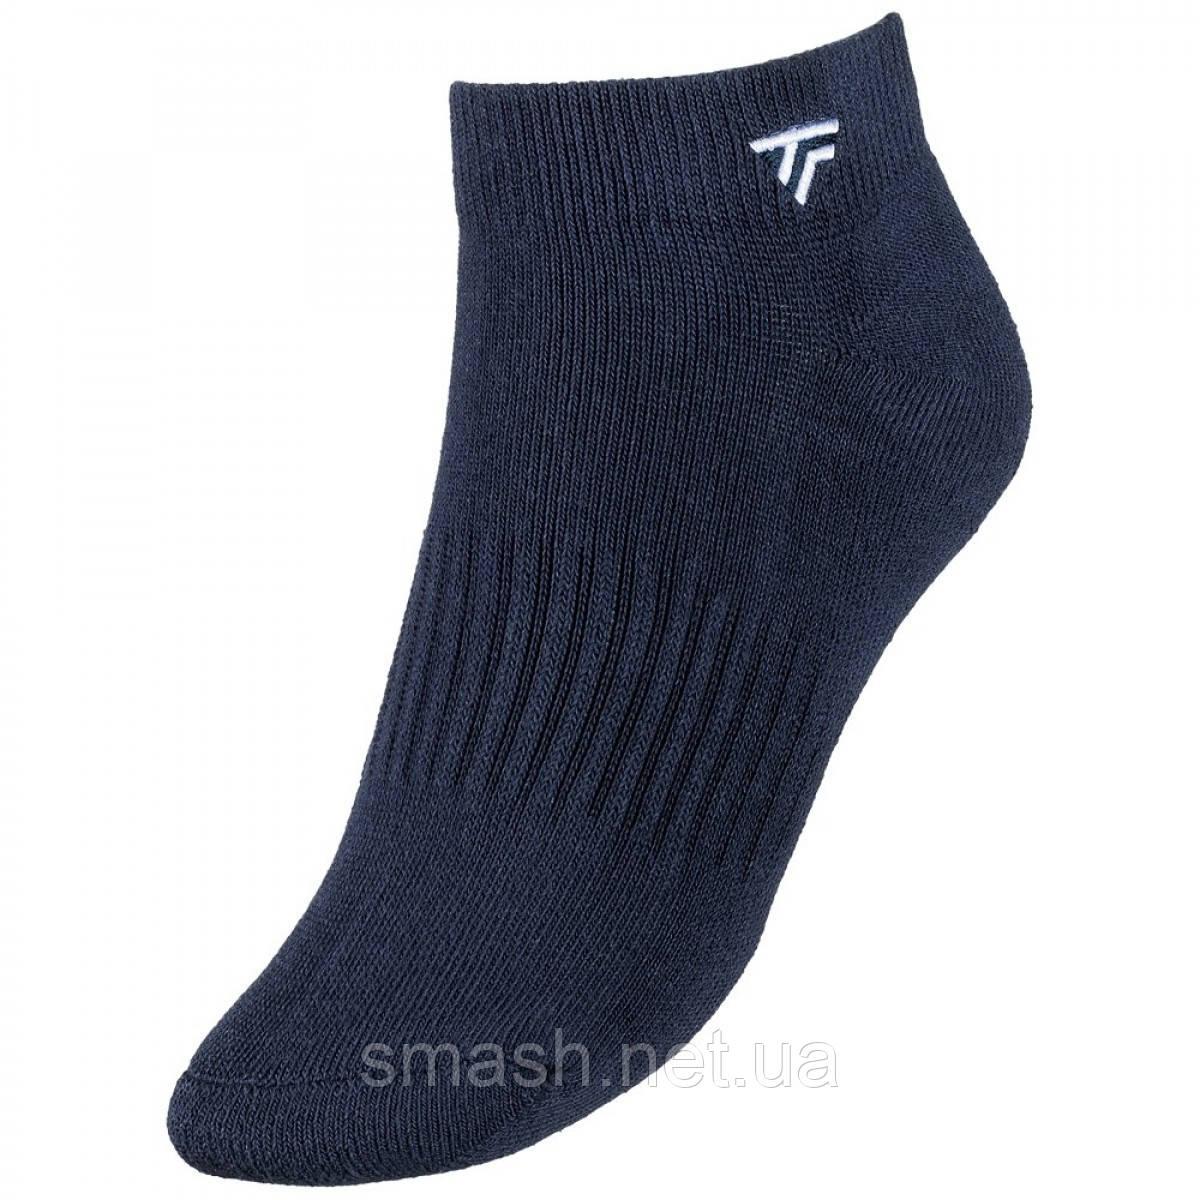 Женские носки Tecnifibre Lady Socks X2 Marine